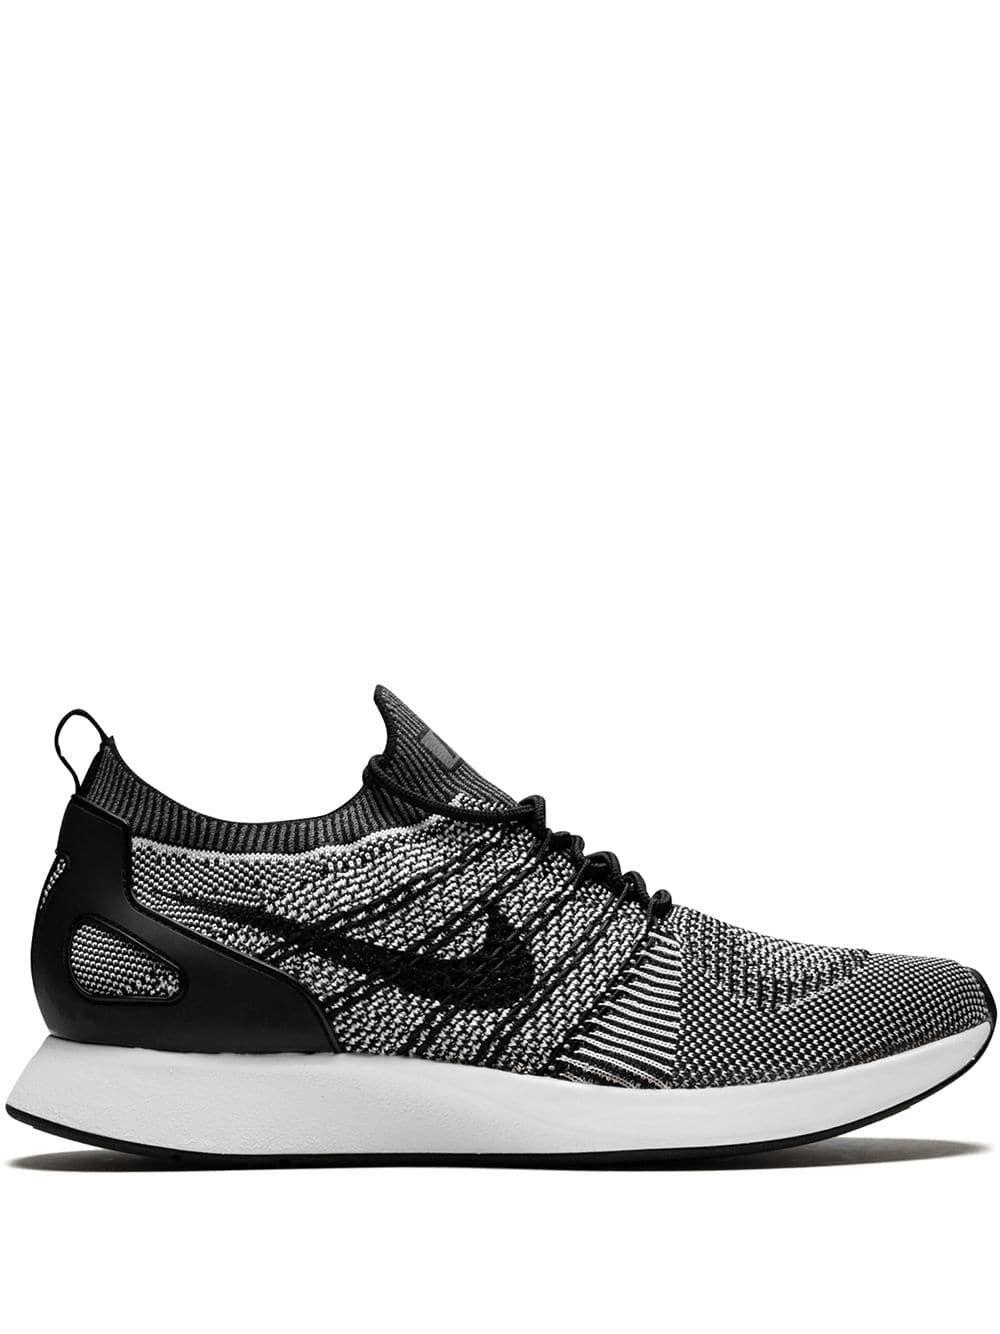 Nike Air Zoom Mariah Flyknit Racer Sneakers In 2020 Mens Nike Shoes Nike Air Zoom Nike